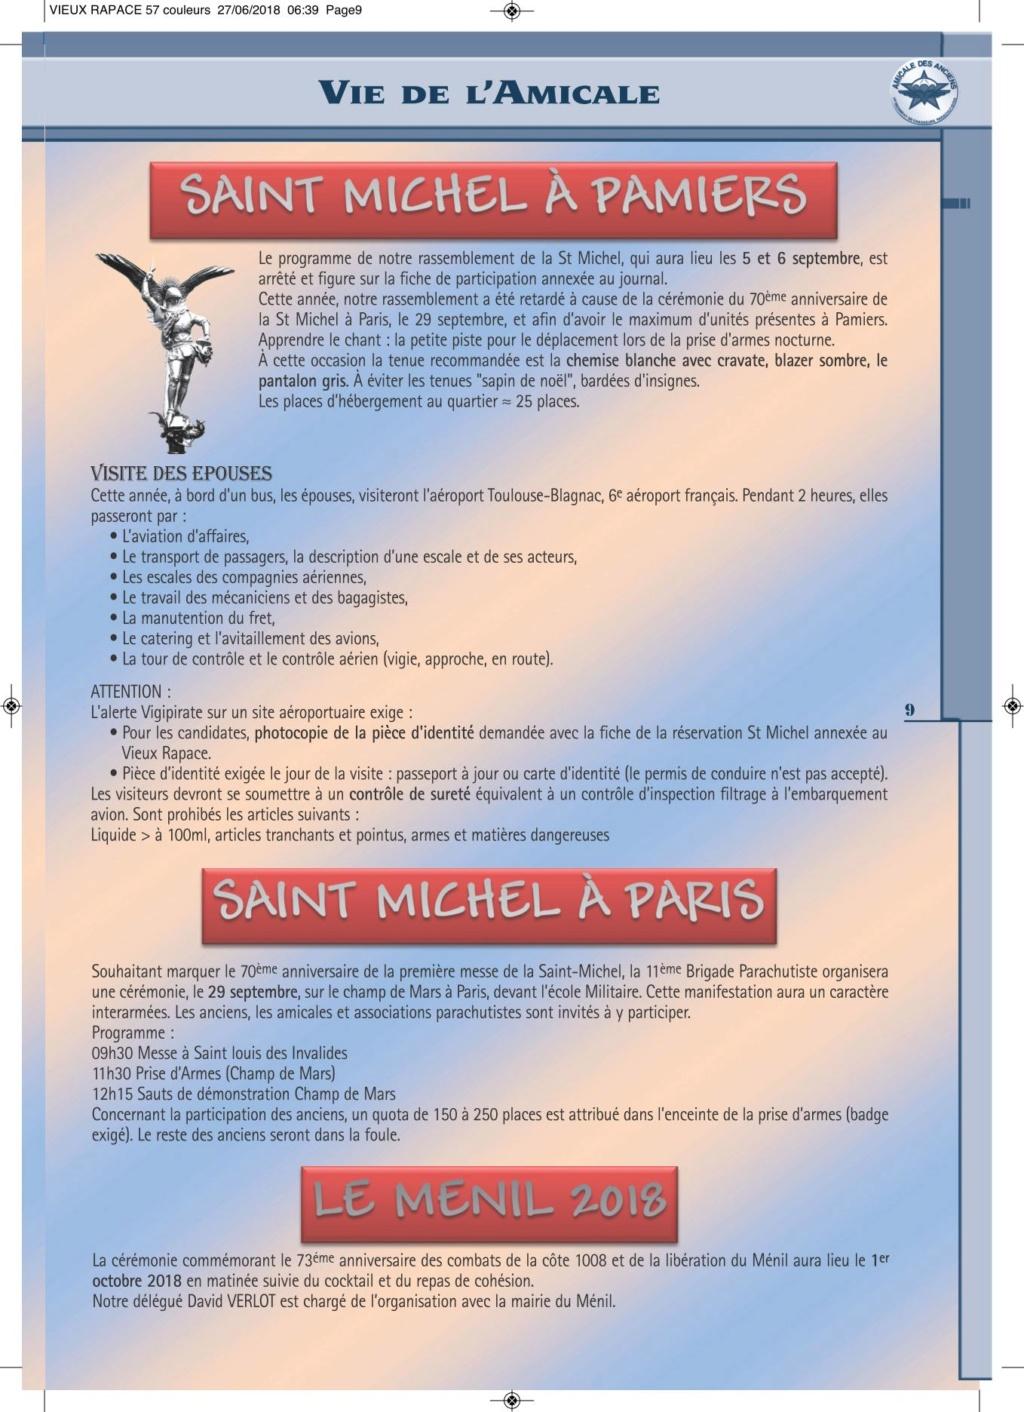 LE VIEUX RAPACE n°57 Vieux_18